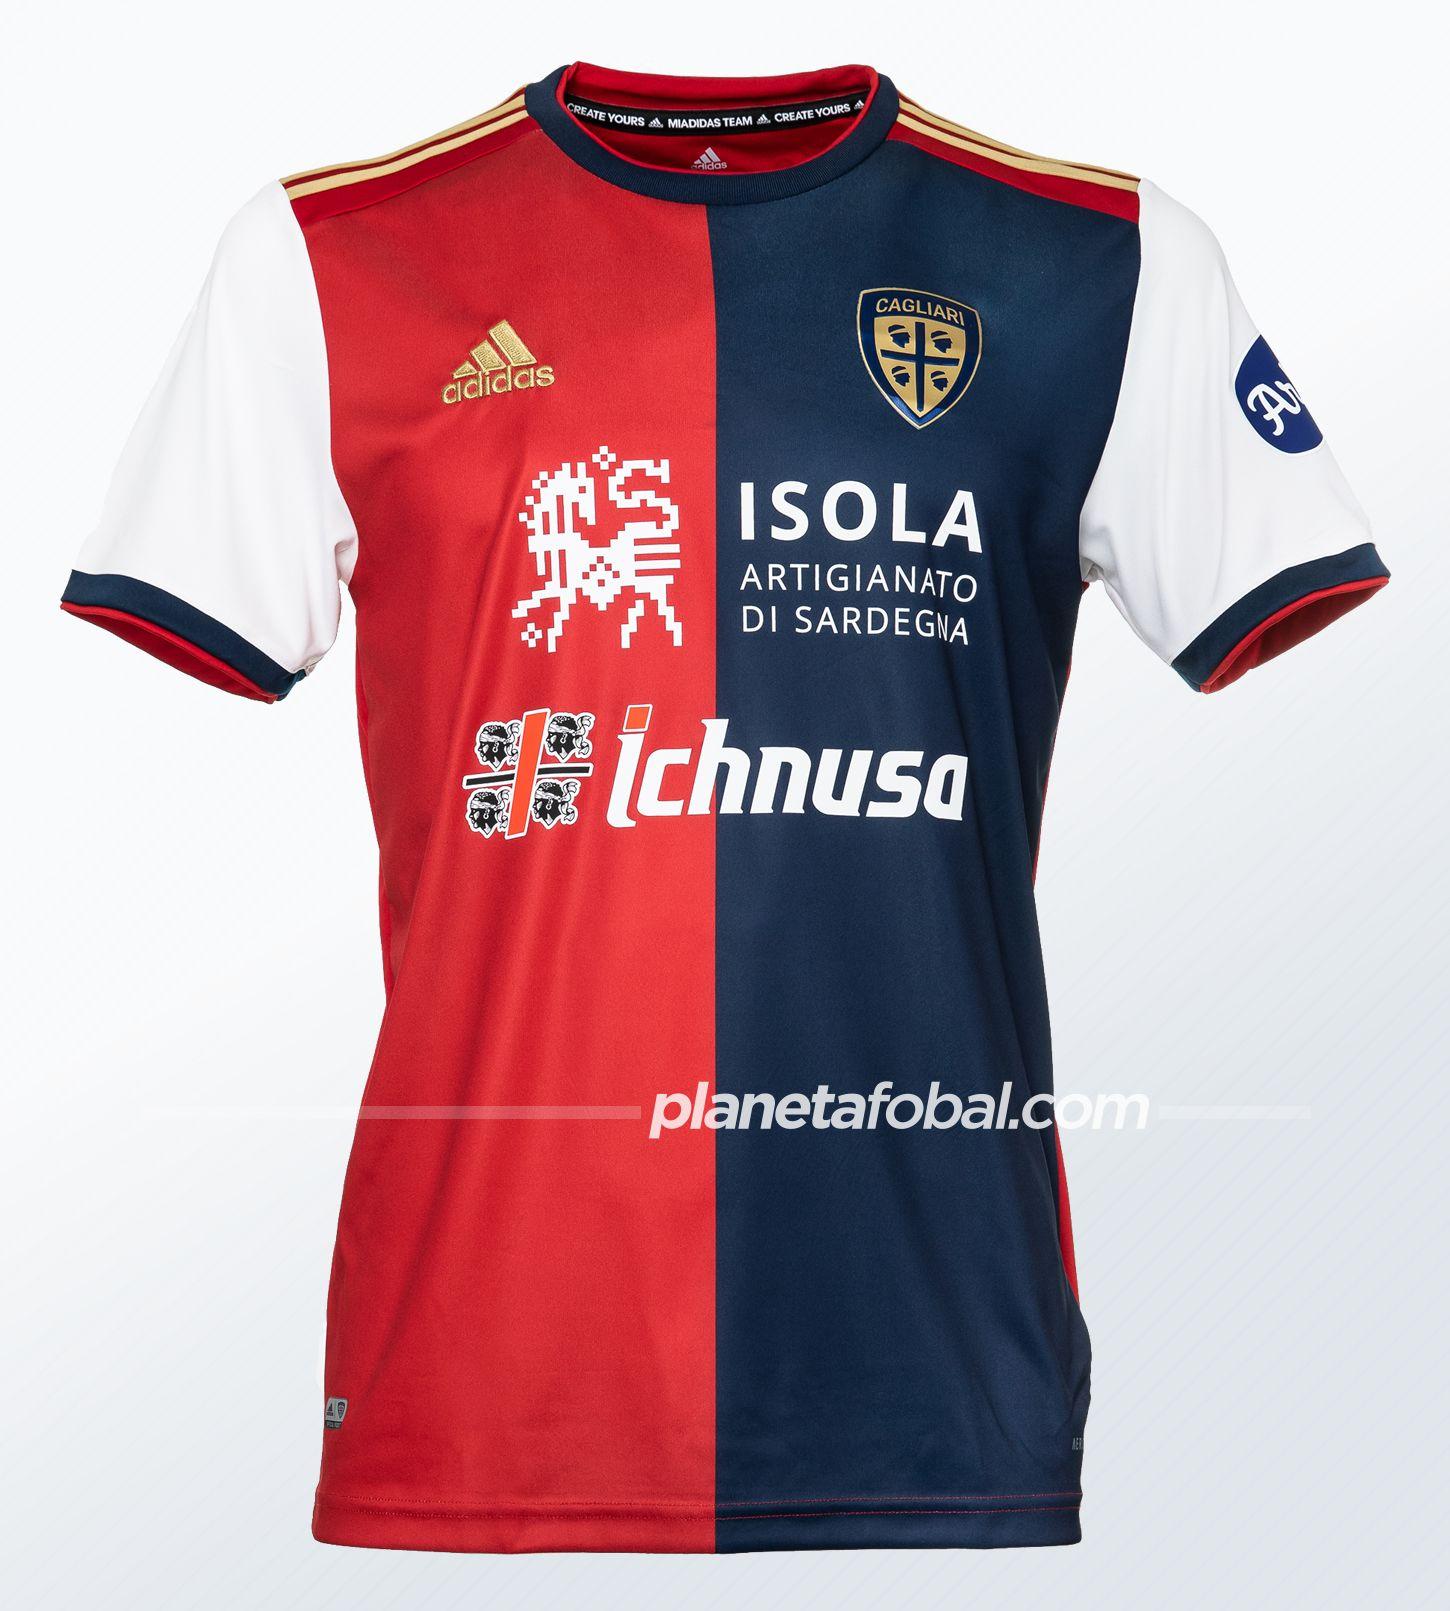 Camisetas adidas del Cagliari 2020/21 | Imagen Twitter Oficial